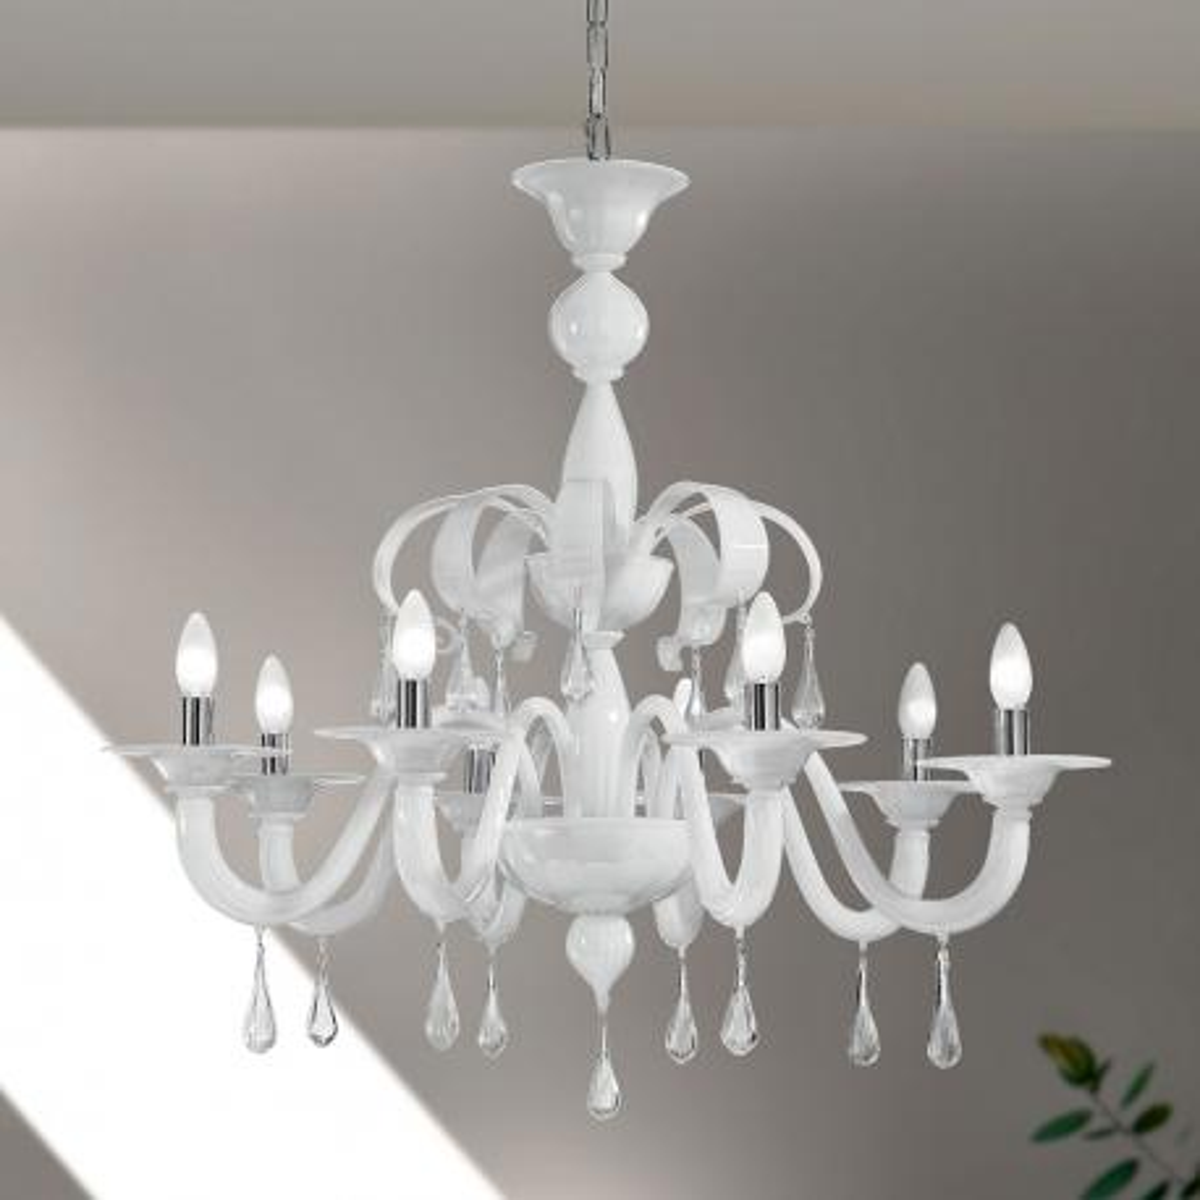 """""""Olivia"""" lampara de araña de Murano - 8 luces - blanco y transparente"""